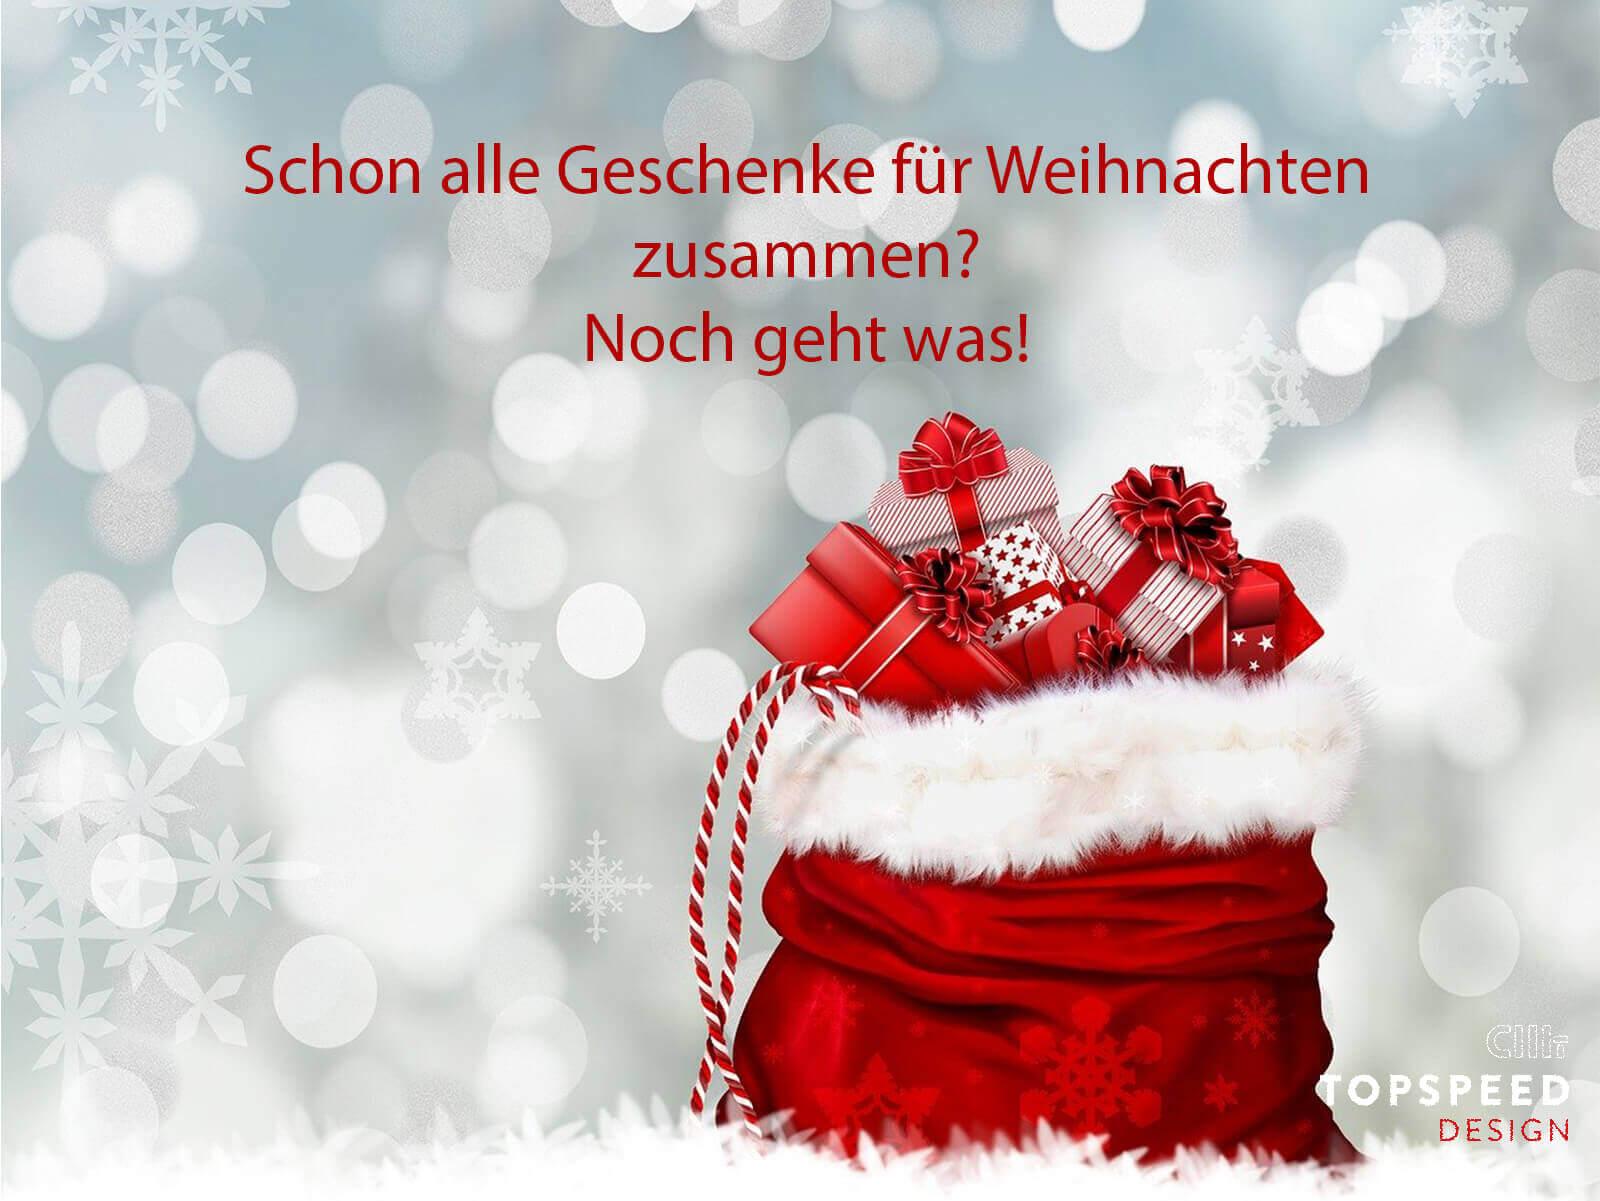 Schon alle Weihnachtsgeschenke zusammen? | Topspeed-Design by Bernhard Schmidt